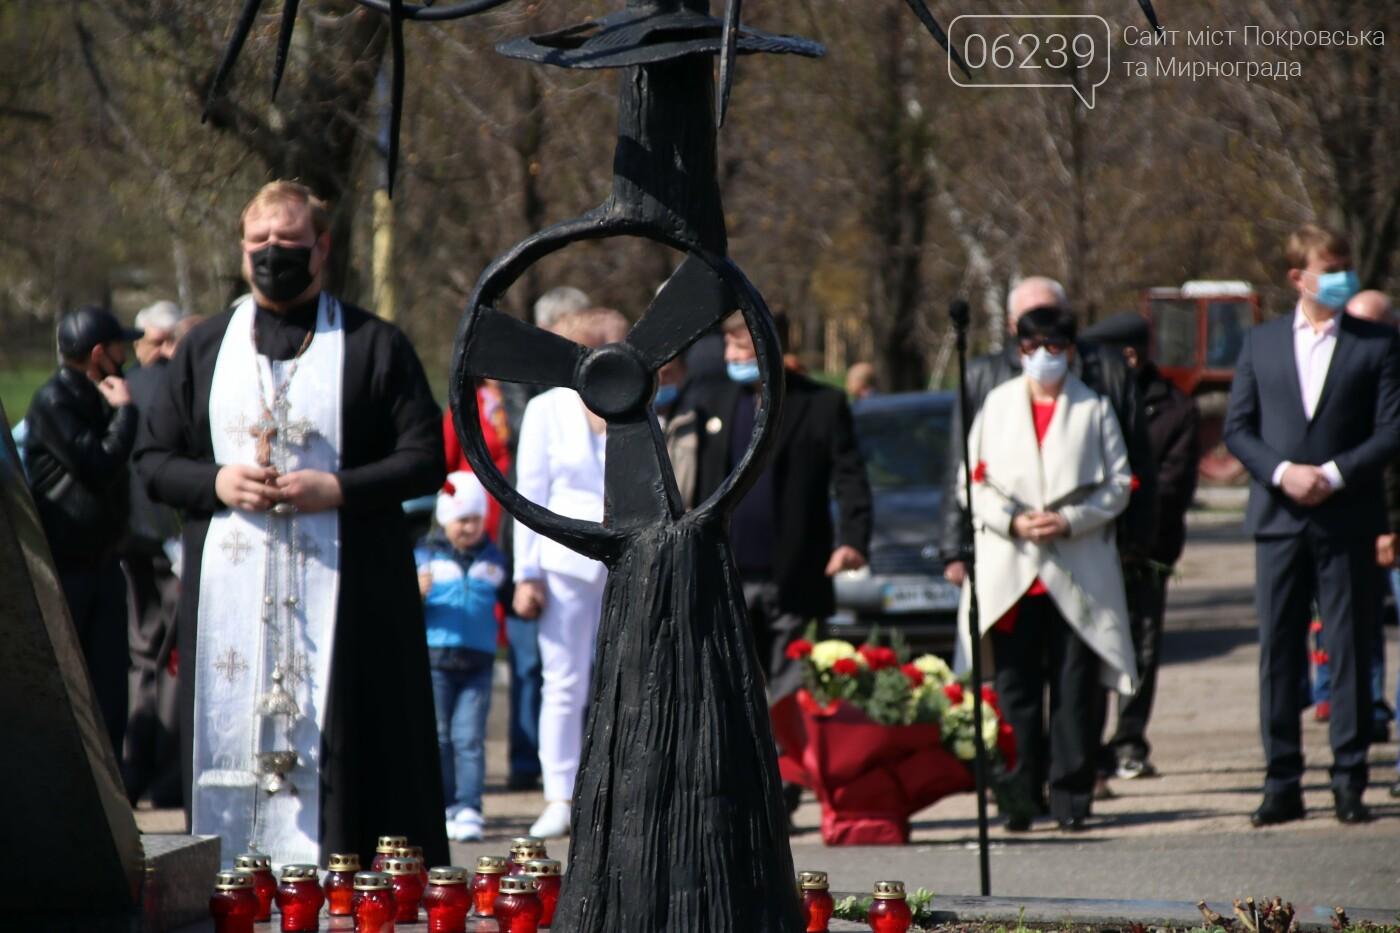 35-я годовщина трагедии: в Мирнограде почтили память ликвидаторов аварии на ЧАЭС, фото-4